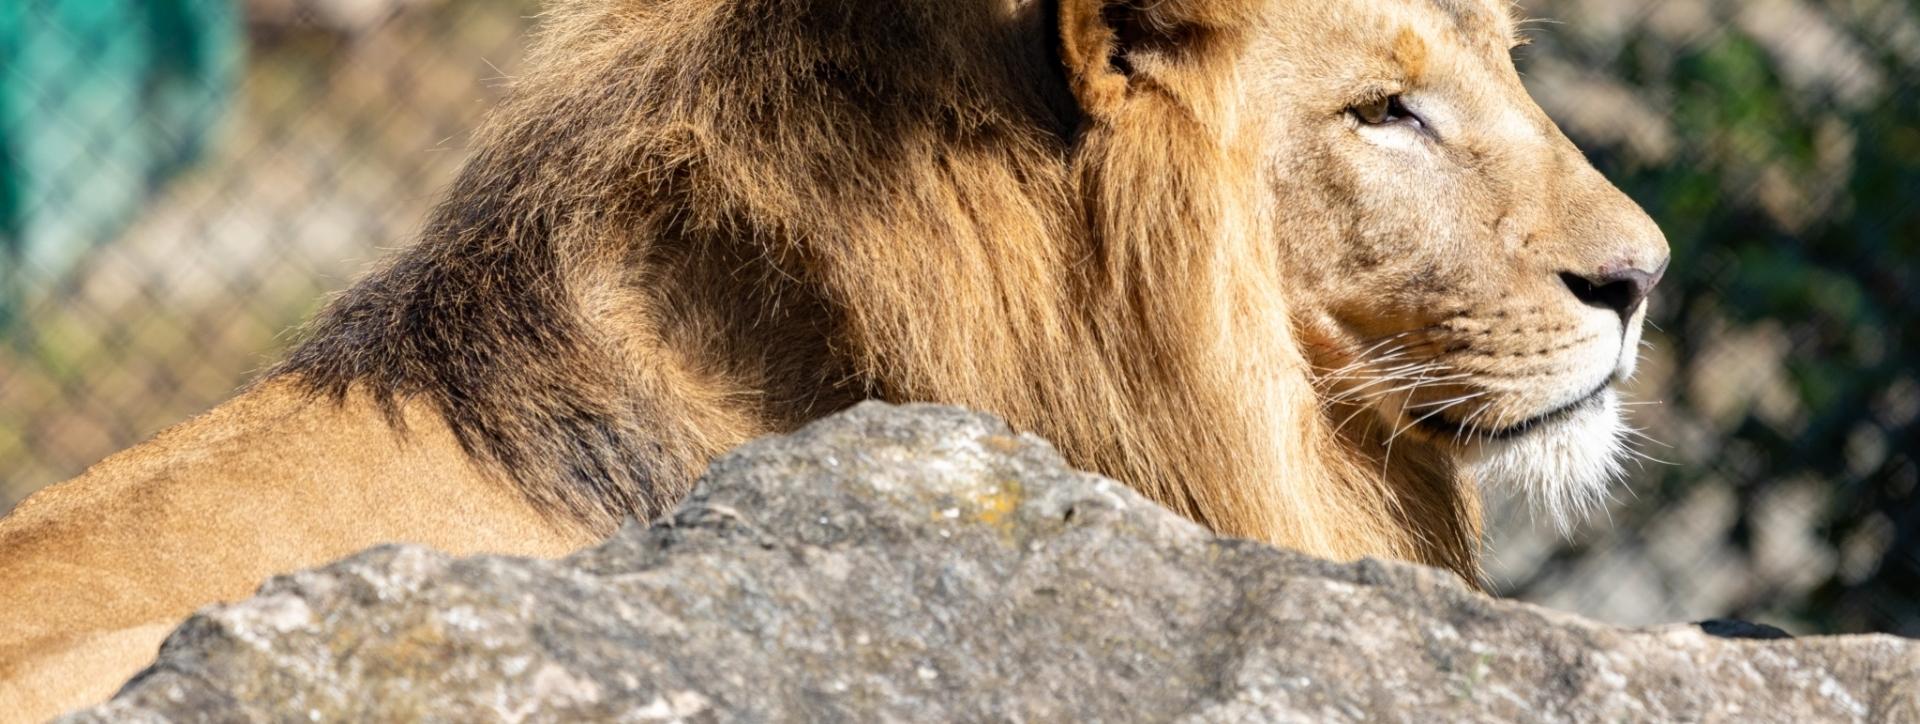 Tierwelt Herberstein Löwe